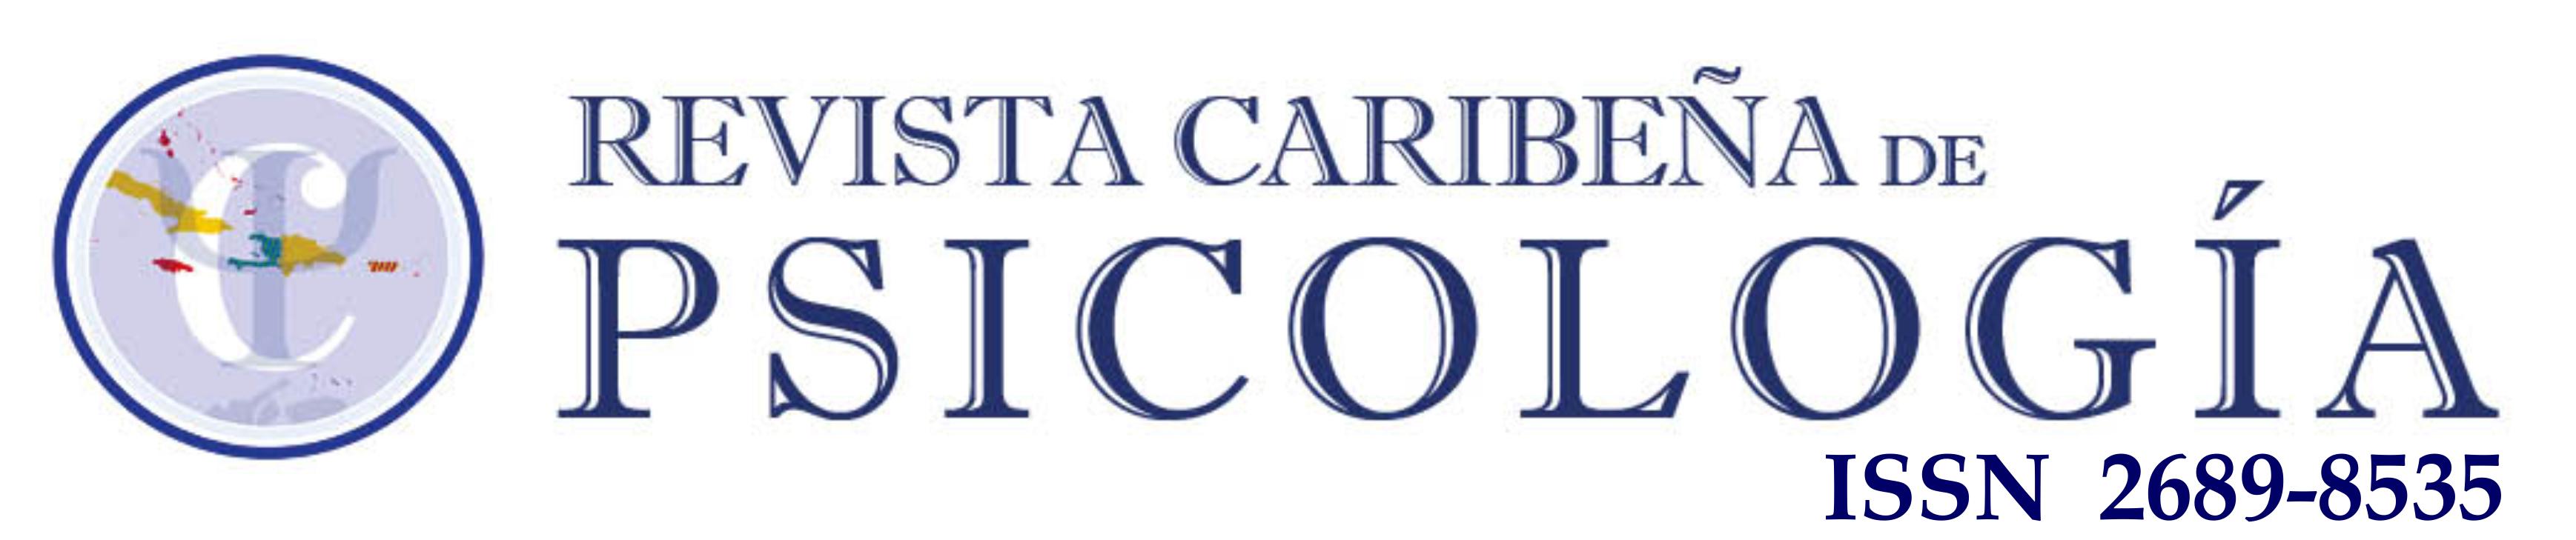 Revista Caribeña de Psicología